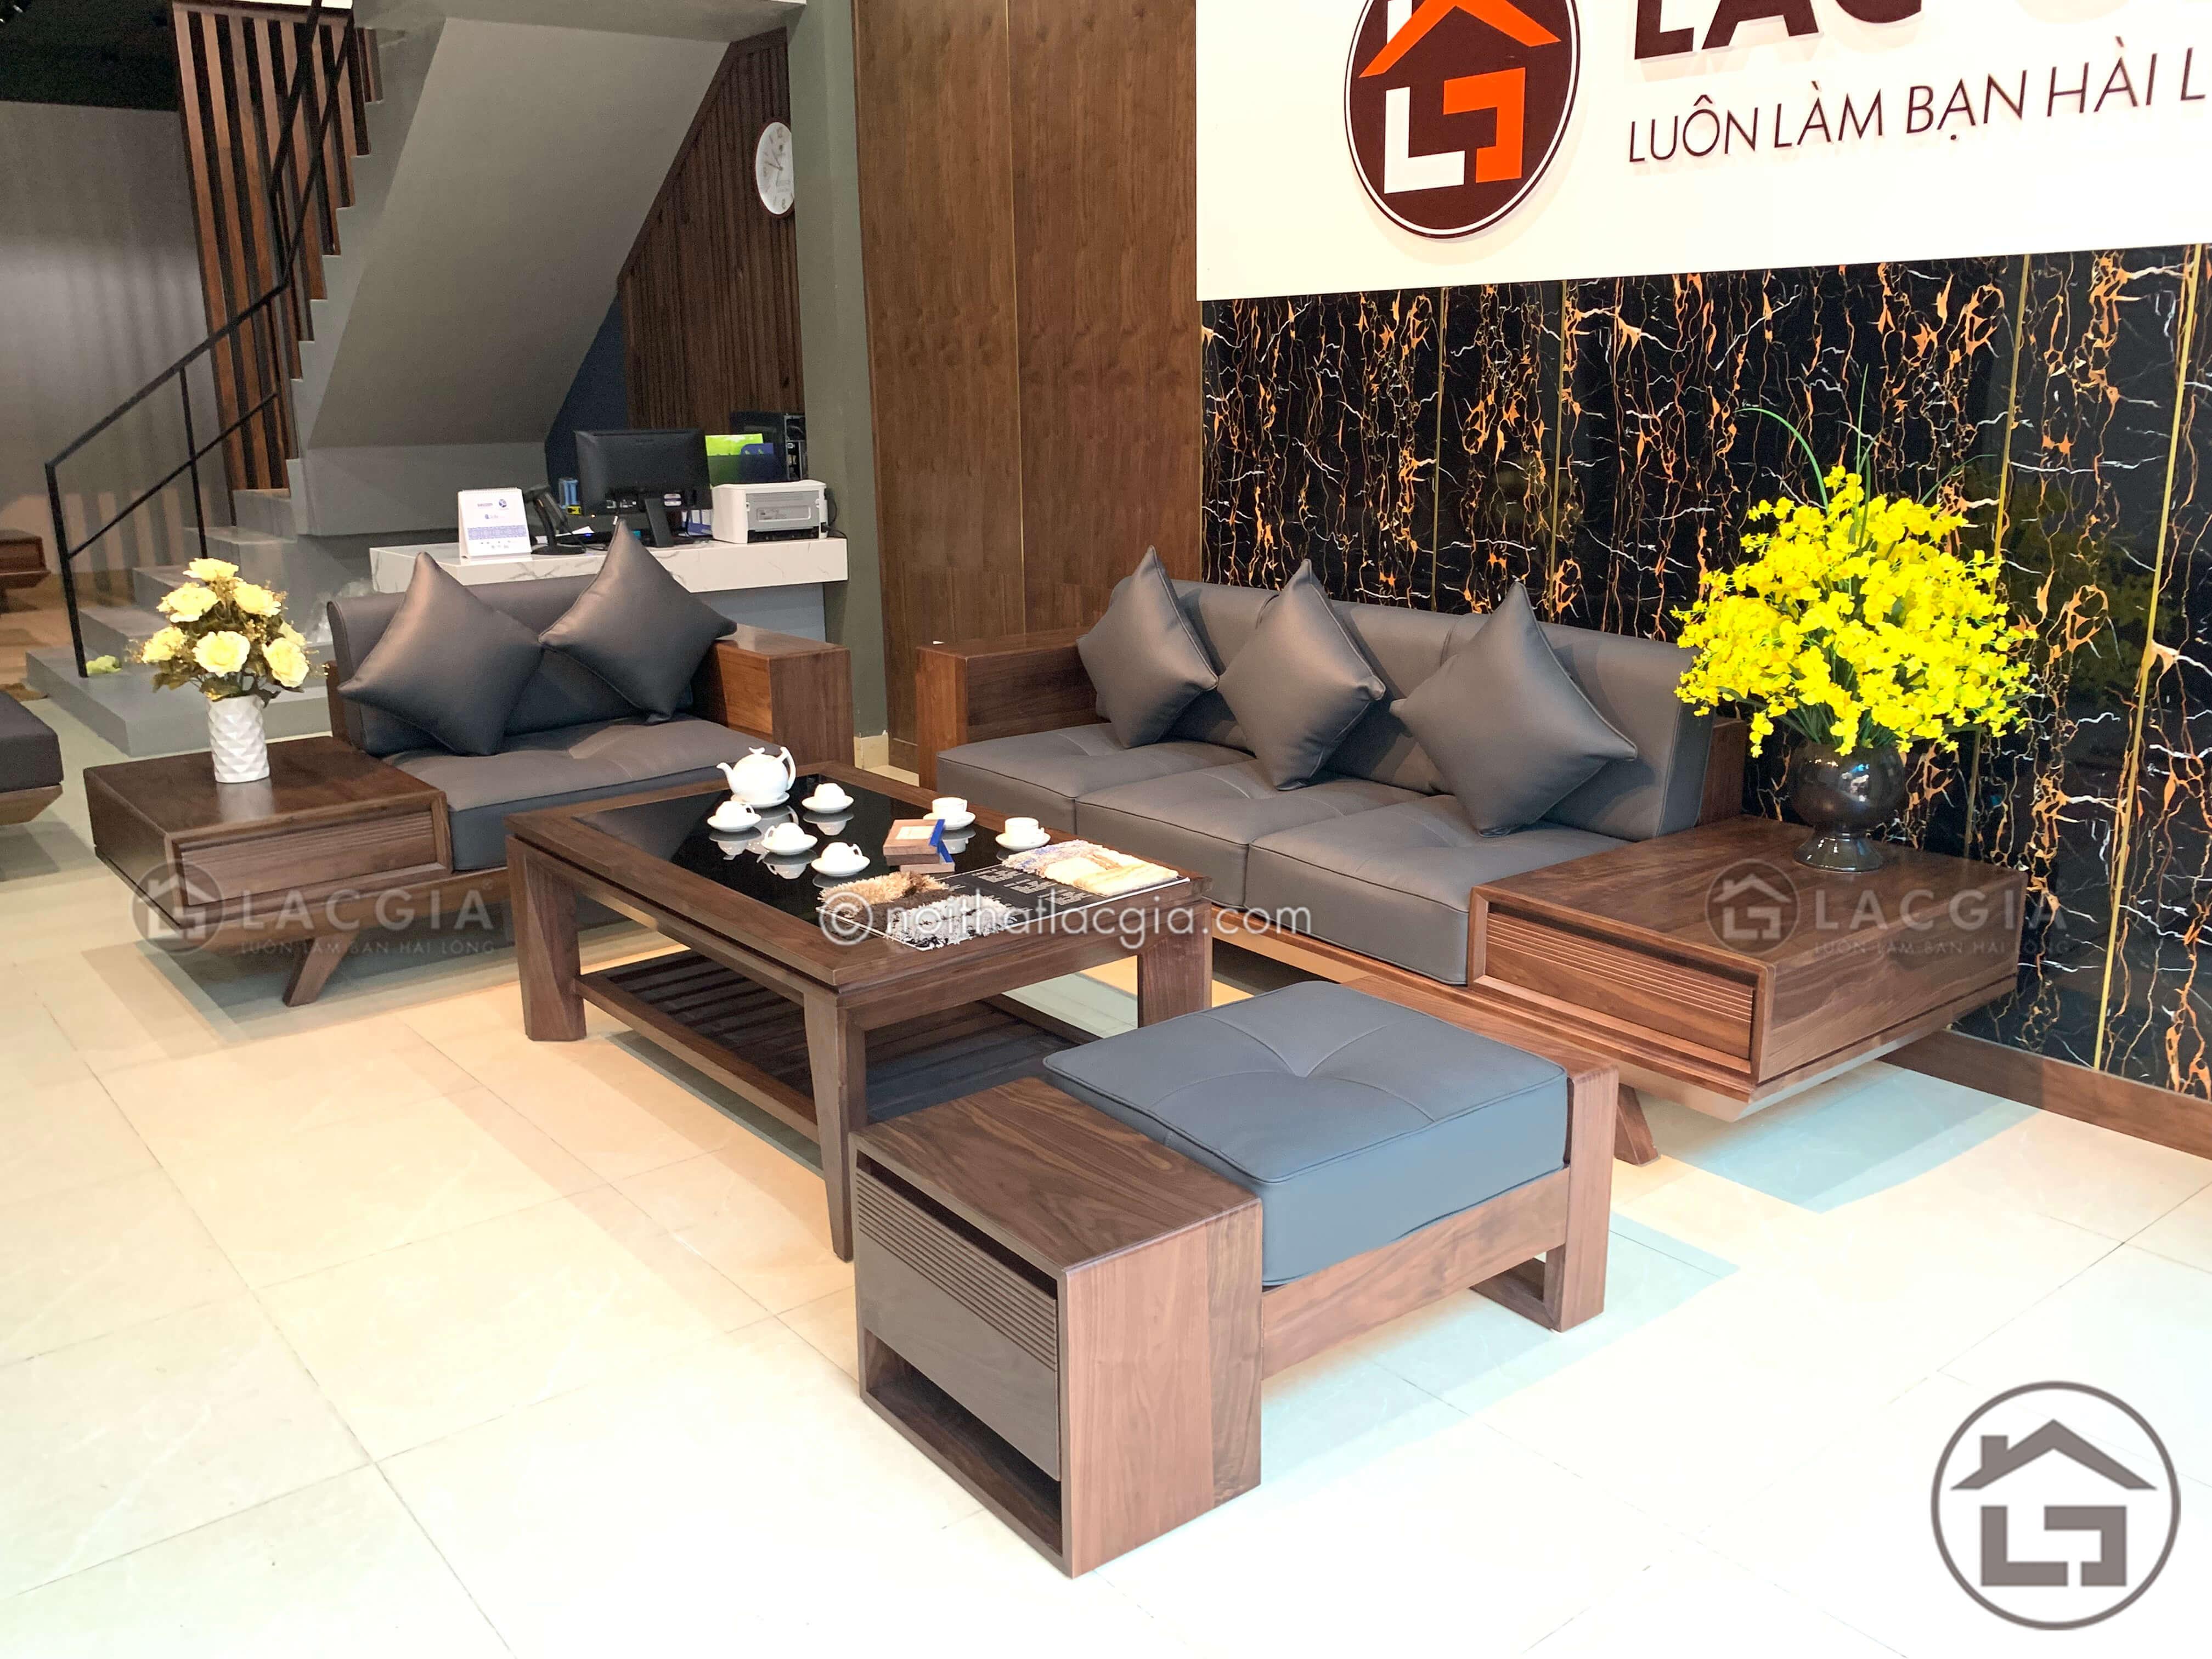 Sofa gỗ cao cấp,hiện đại, sang trọng